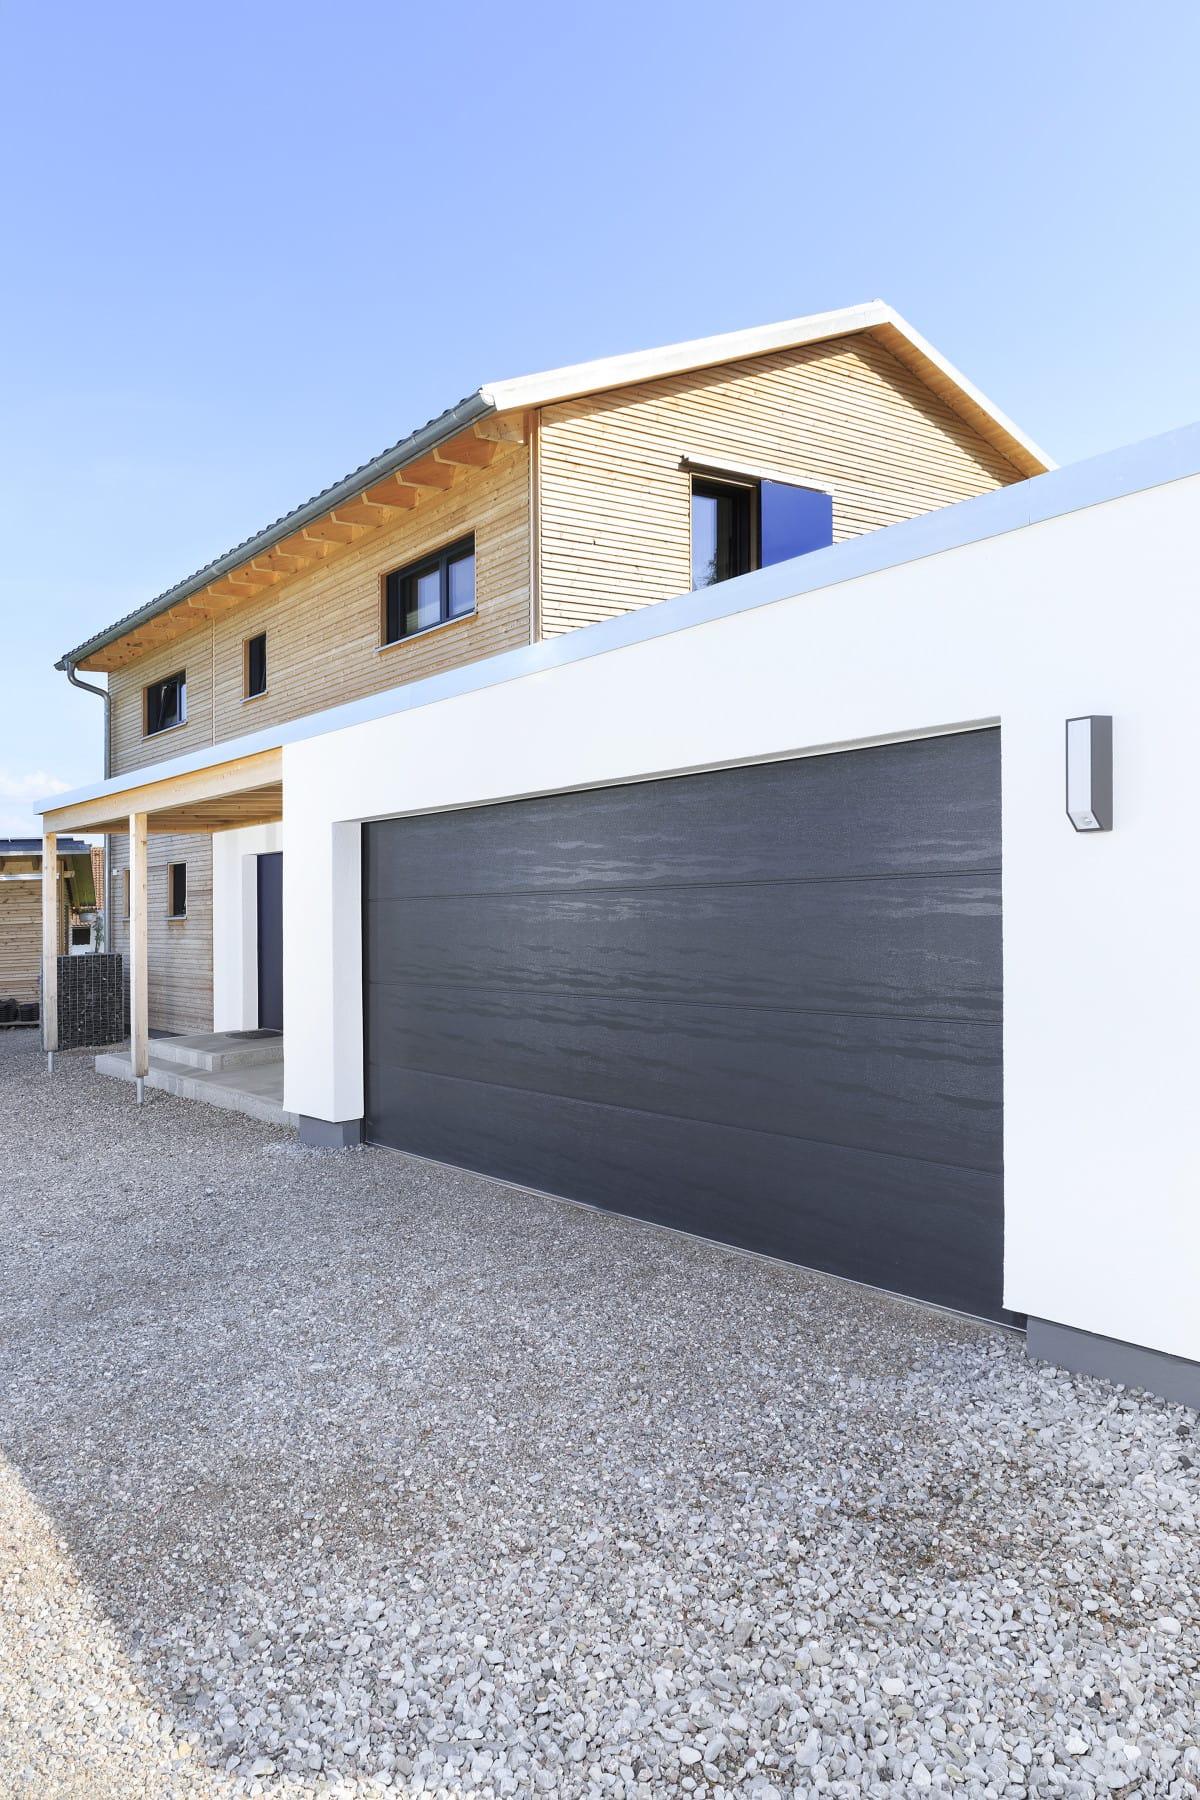 Doppelgarage mit Putz Fassade - Architektur Detail Haus Design Ideen Fertighaus Ökohaus Schneider / Baufritz - HausbauDirekt.de